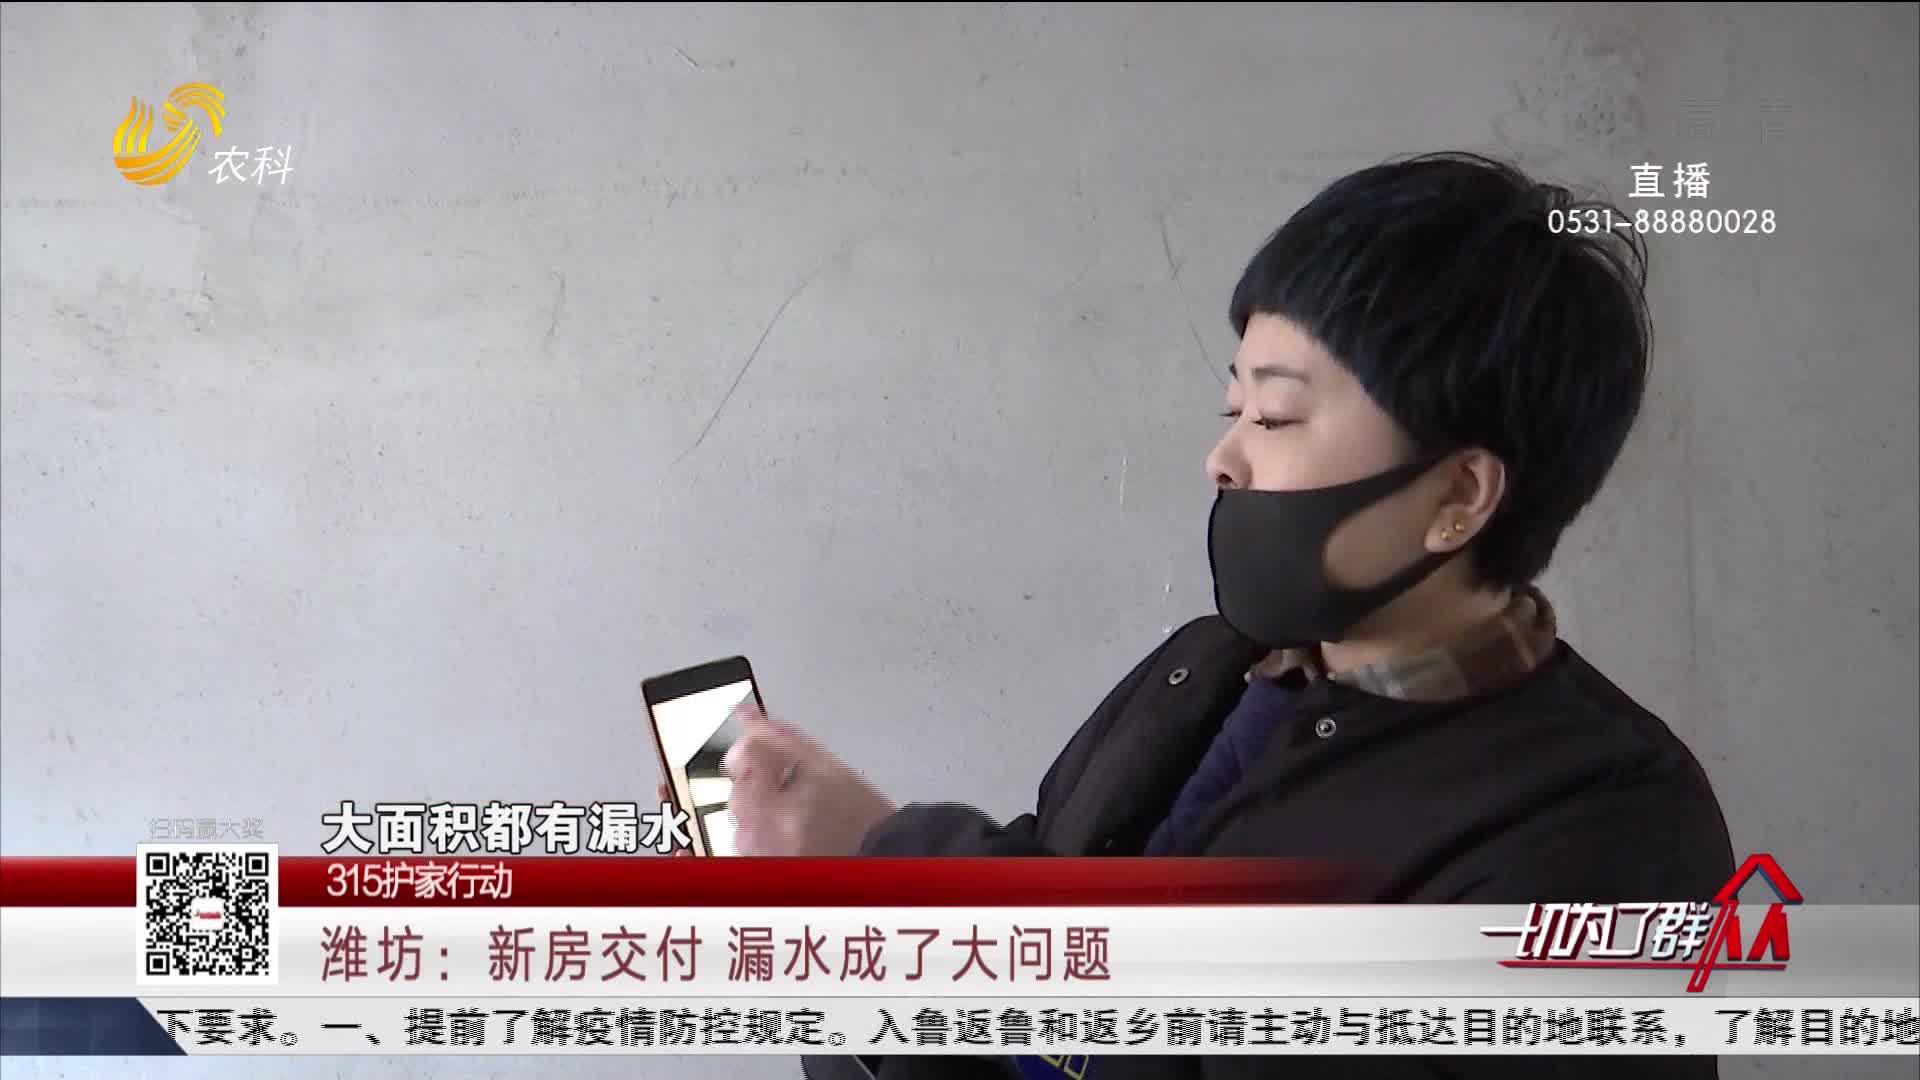 【315护家行动】潍坊:新房交付漏水成了大问题